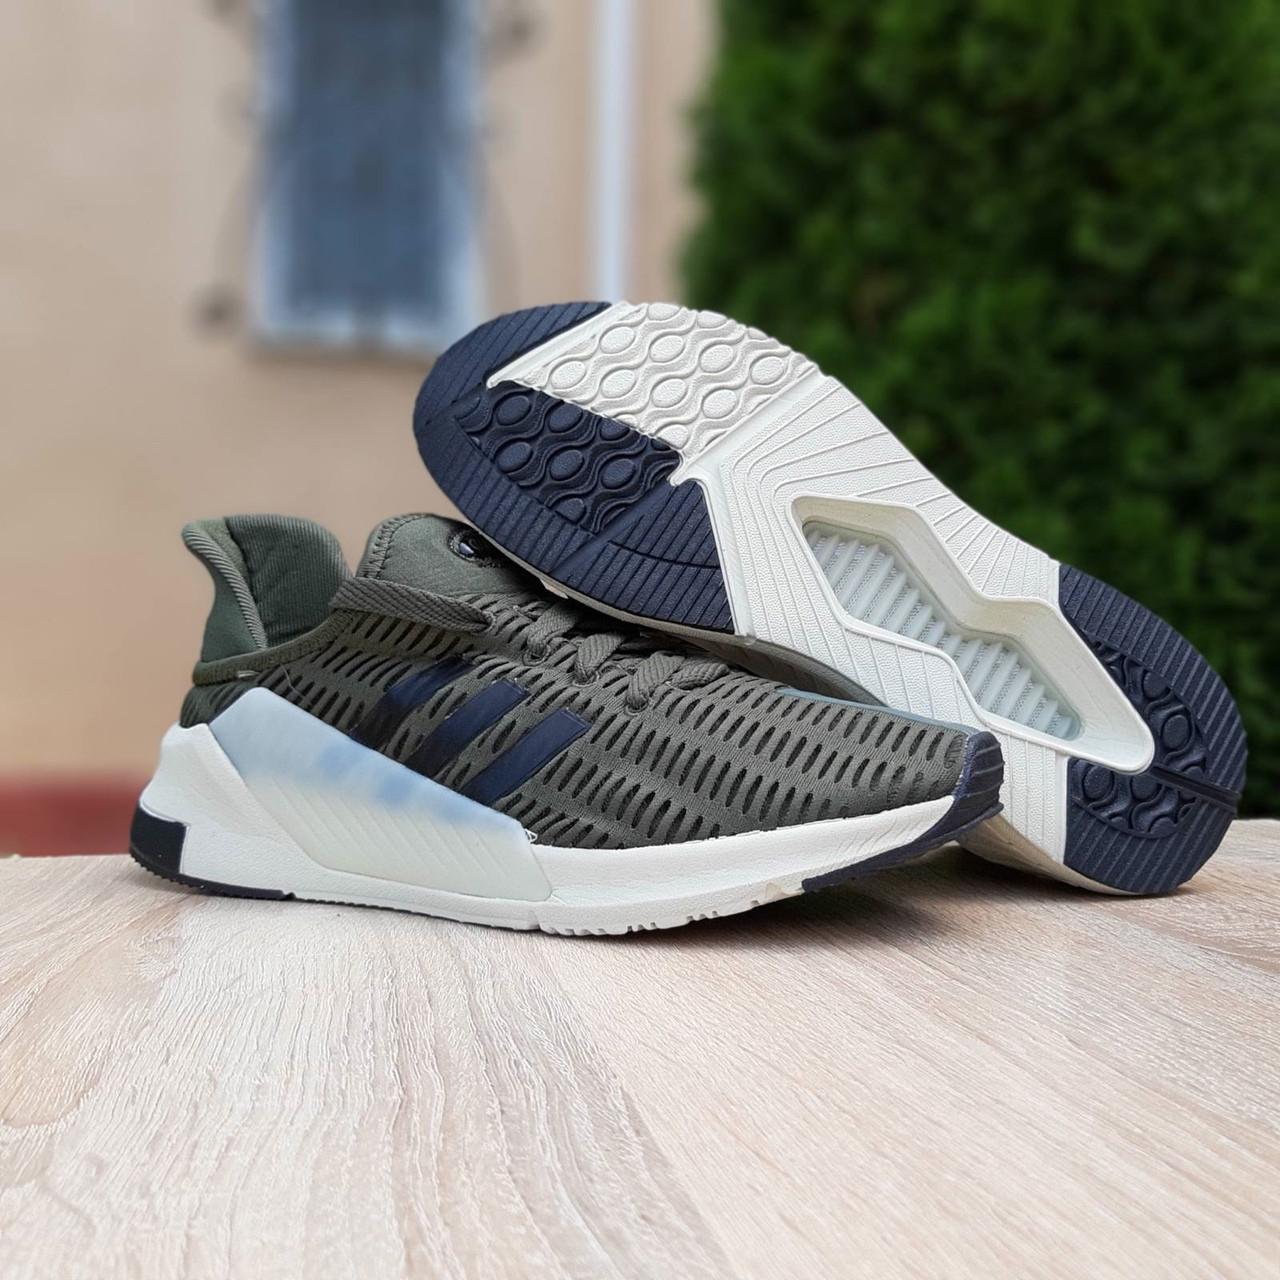 Кроссовки распродажа АКЦИЯ 550 грн Adidas Climacool 41й(25,5см),43й(26,5см),44й(2 последние размеры люкс копия